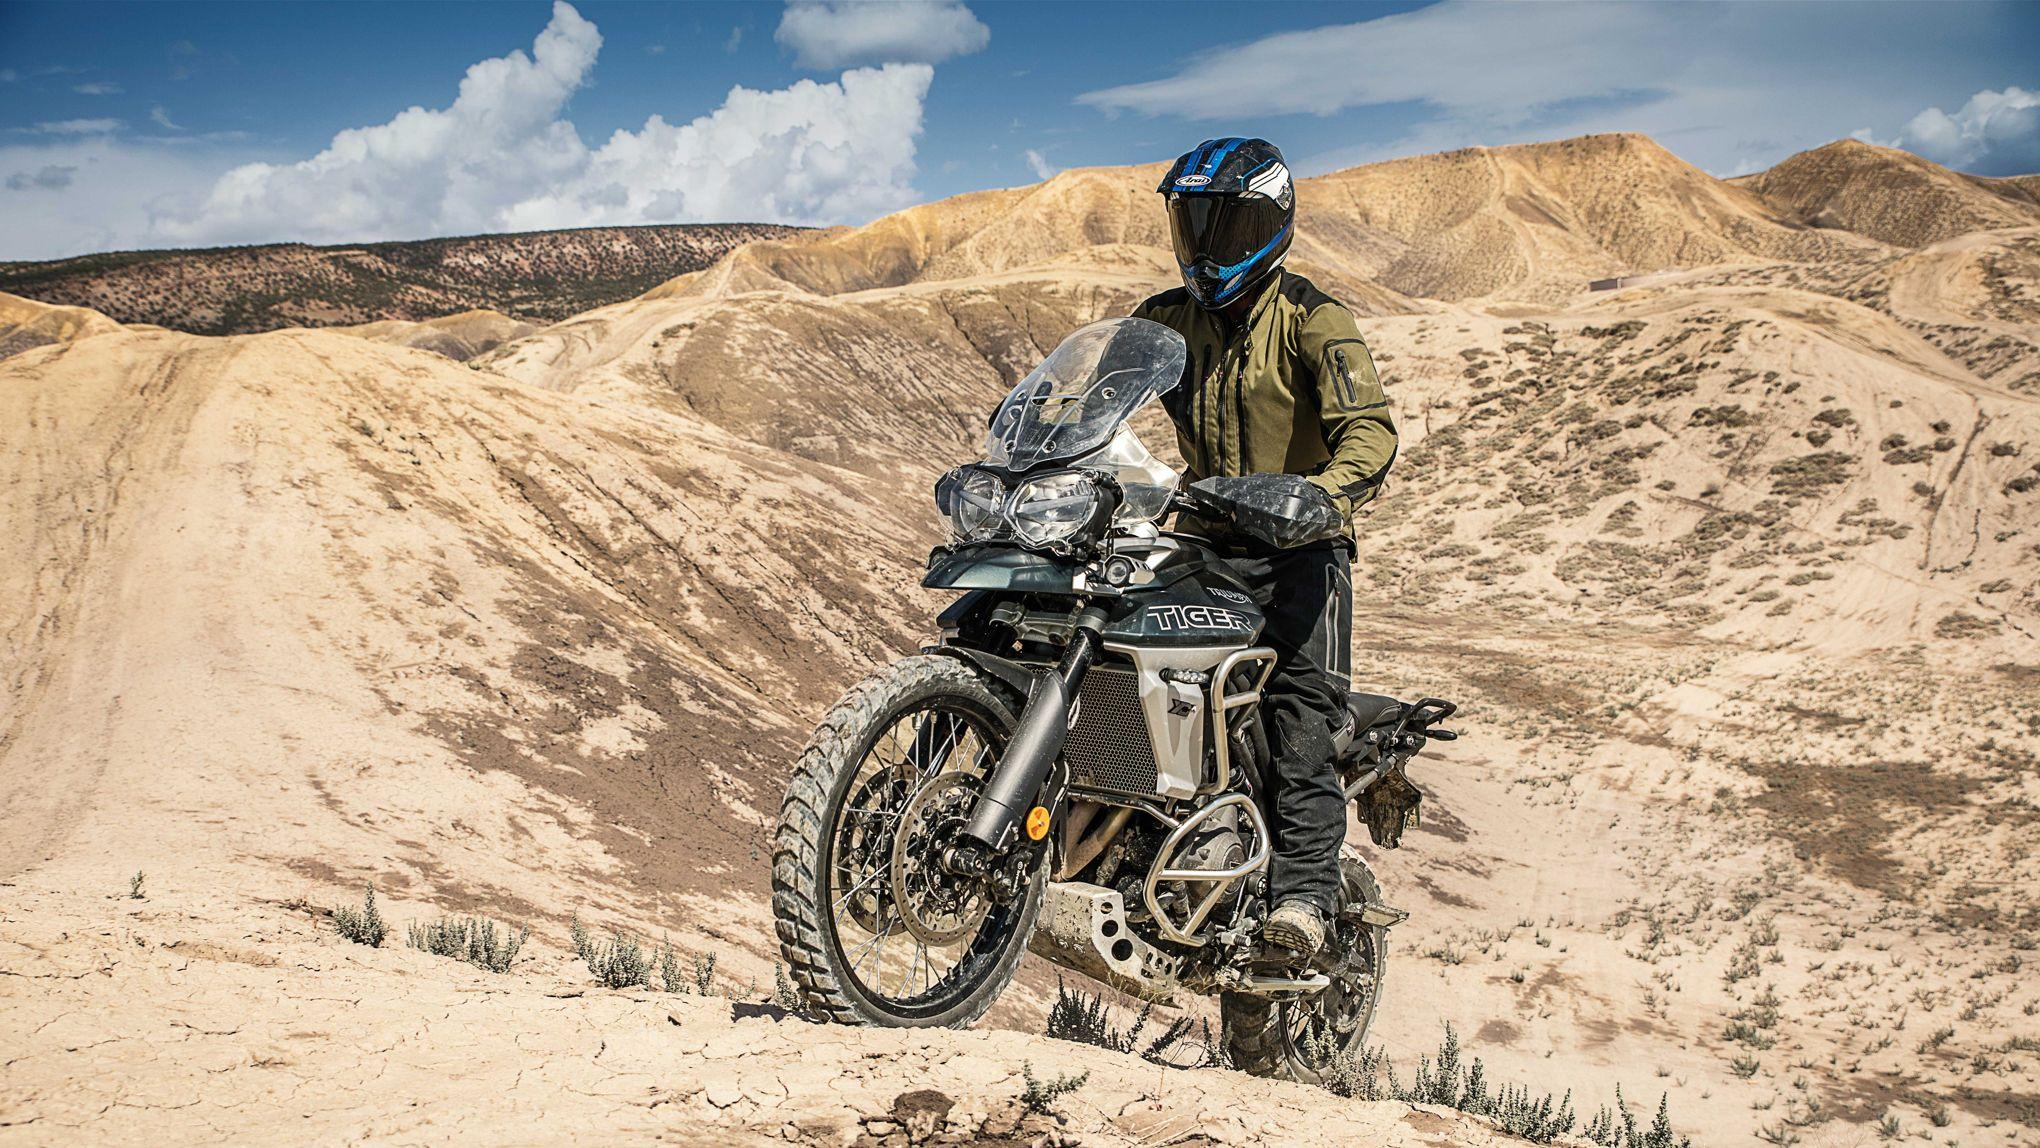 Triumph Tiger 800 Le Trail Polyvalent Par Excellence